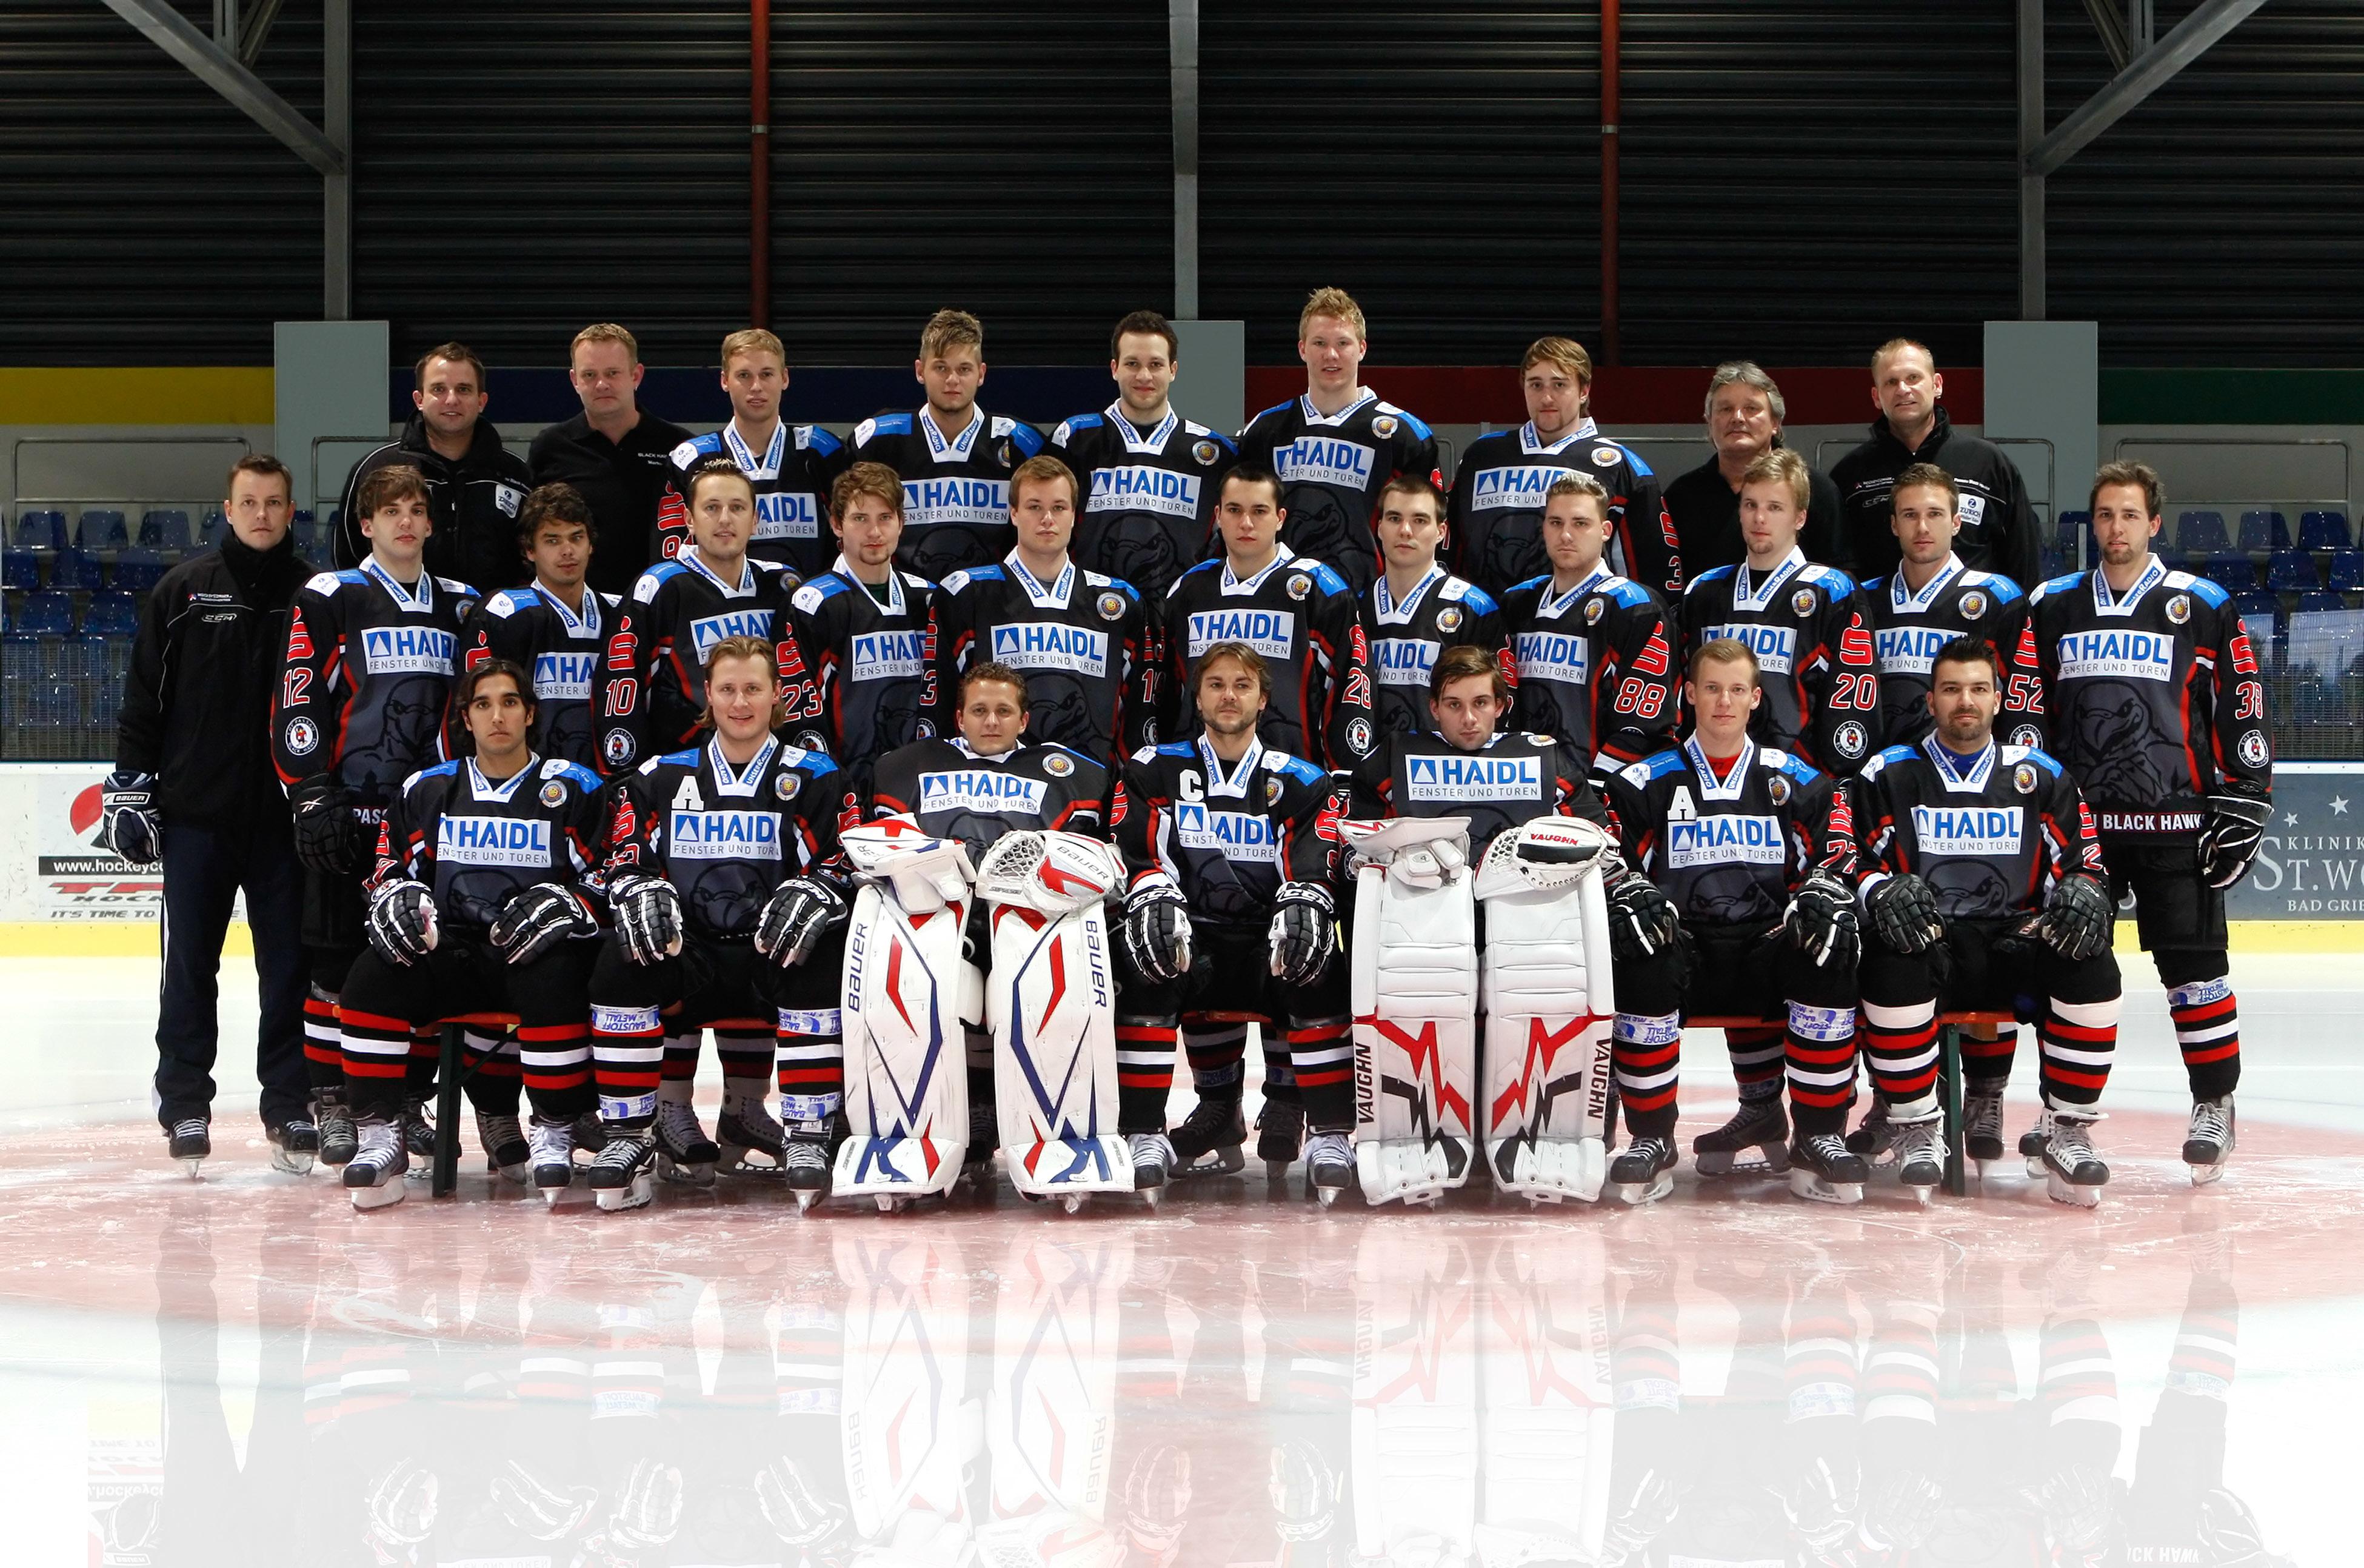 Kader 2010/11   1. Eishockey Fanclub Passau e. V.